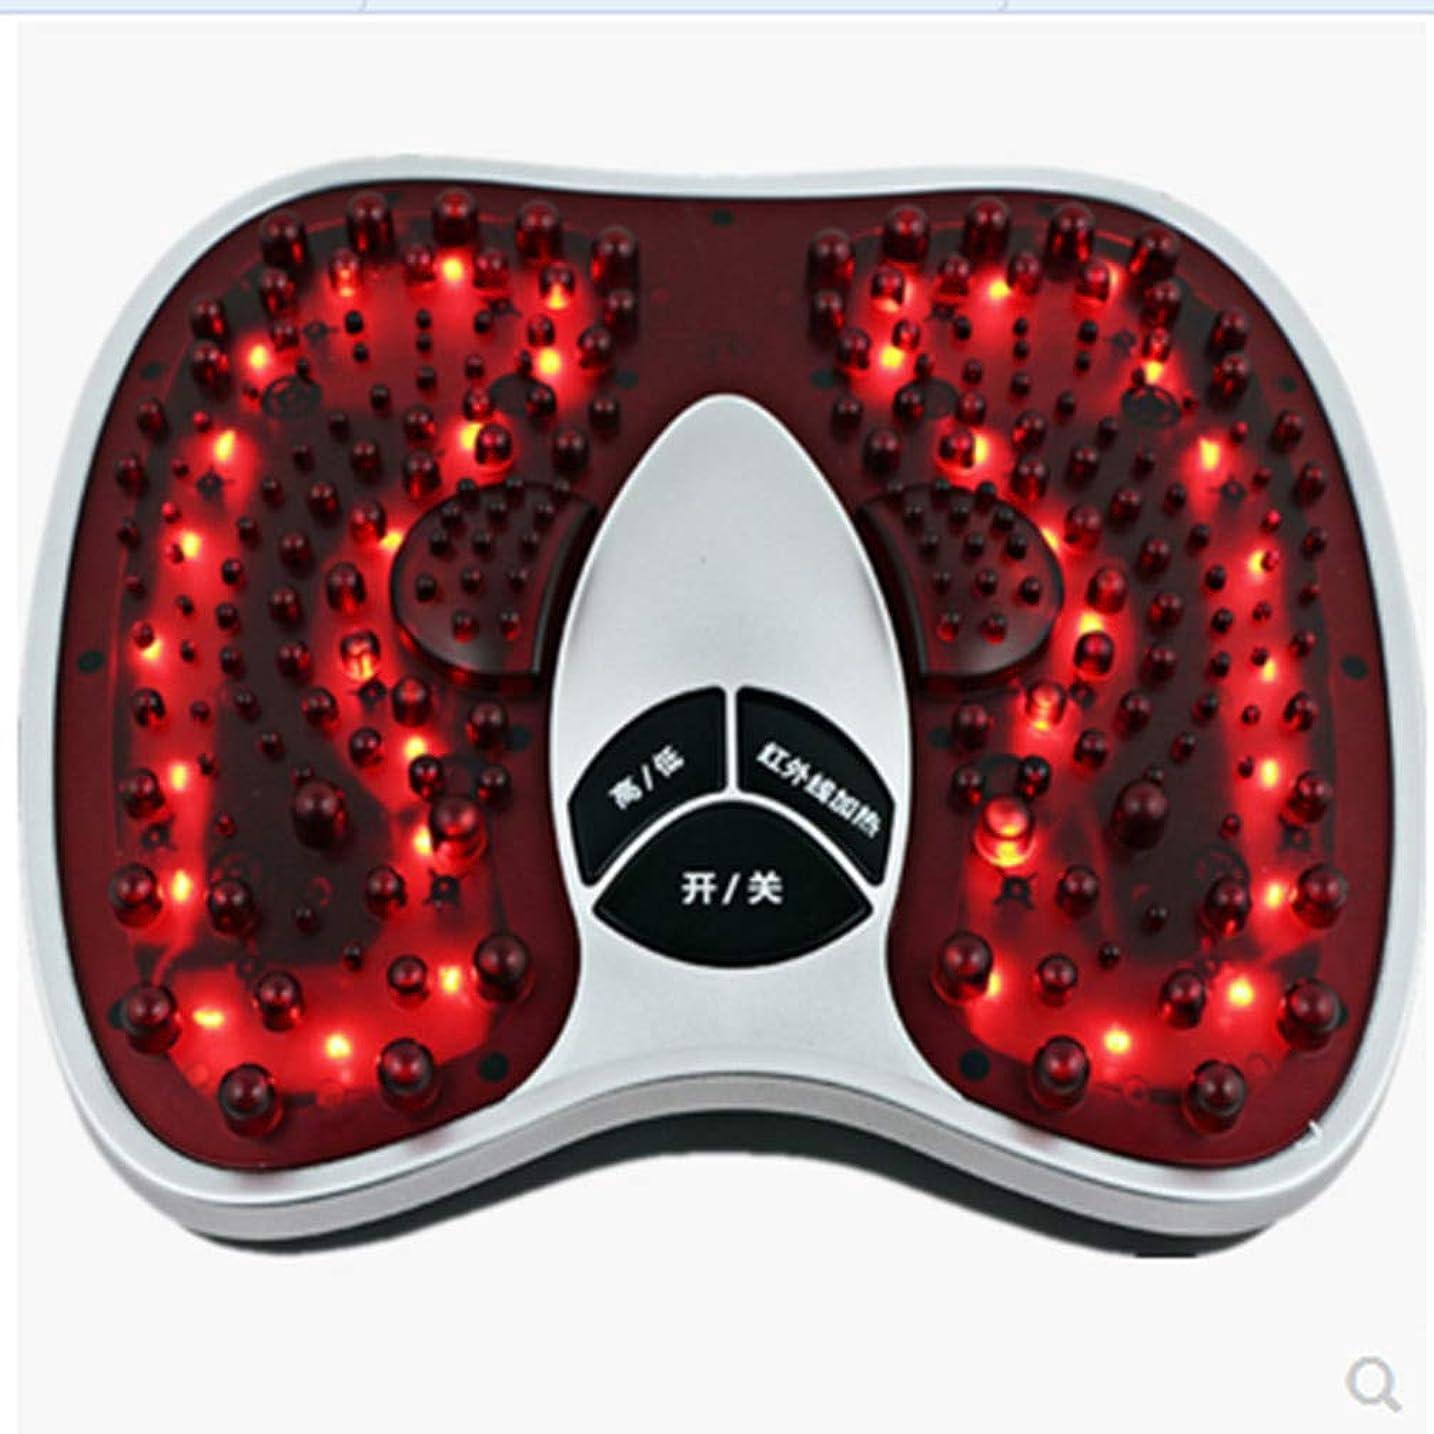 看板発生器ドールフットマッサージ(熱を含む)、フルマッサージを体験する202マッサージヘッド、硬い筋肉を柔らかくする、循環を改善する、痛みを軽減する治療, red